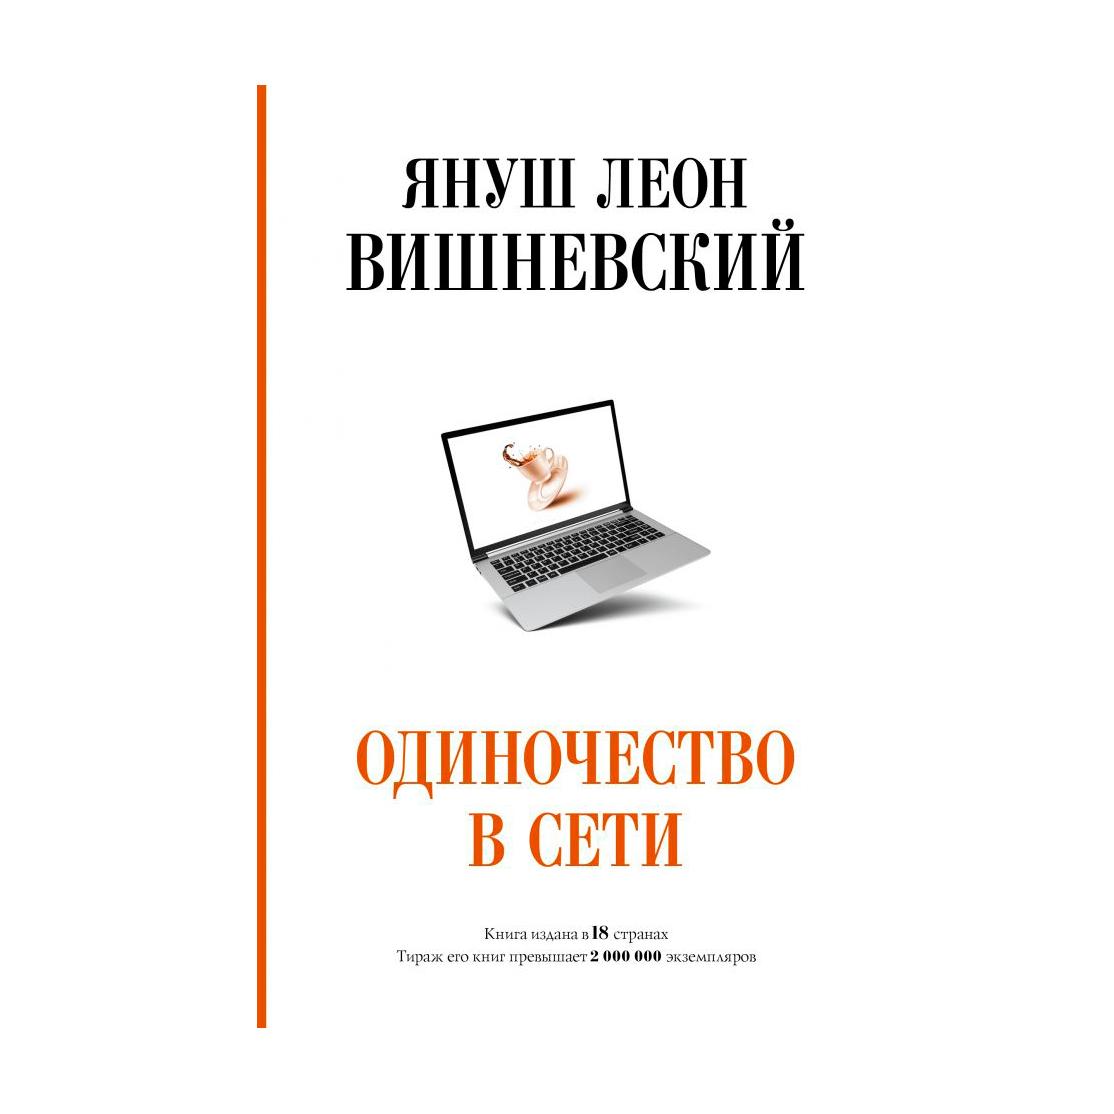 Книга АСТ Одиночество в сети. Януш Вишневский недорого